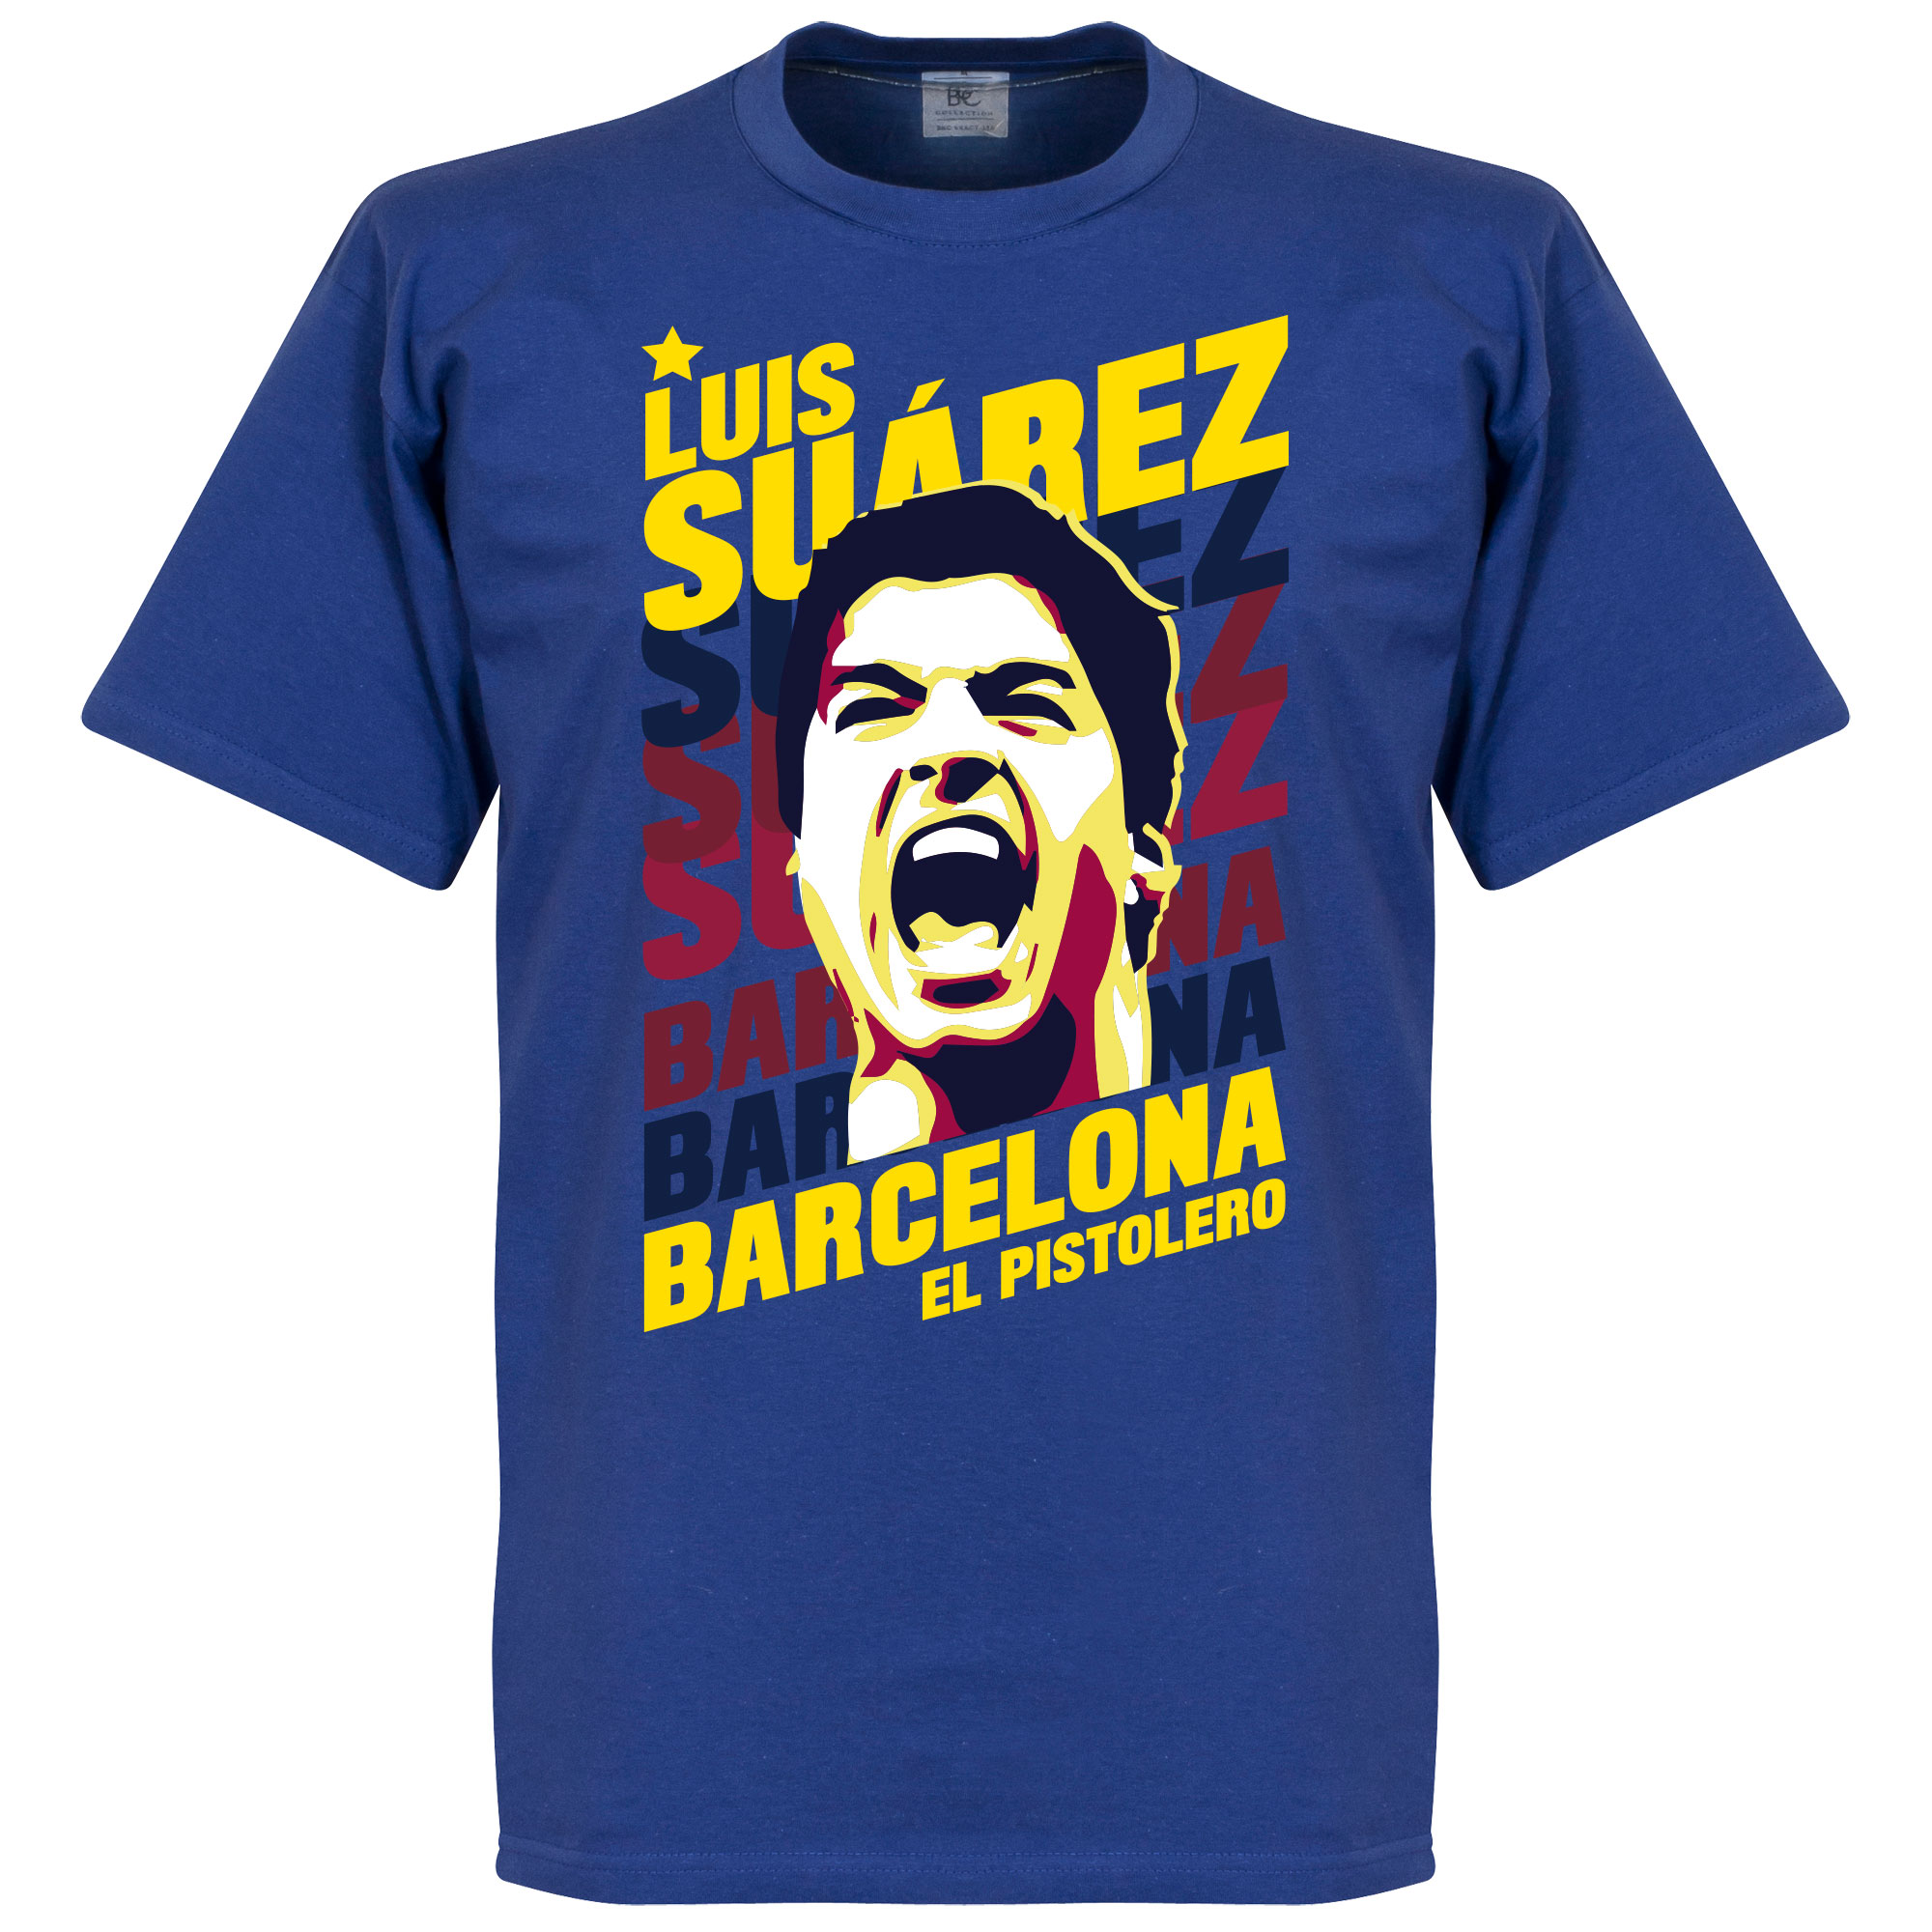 Luis Suarez Barcelona Portrait T-Shirt